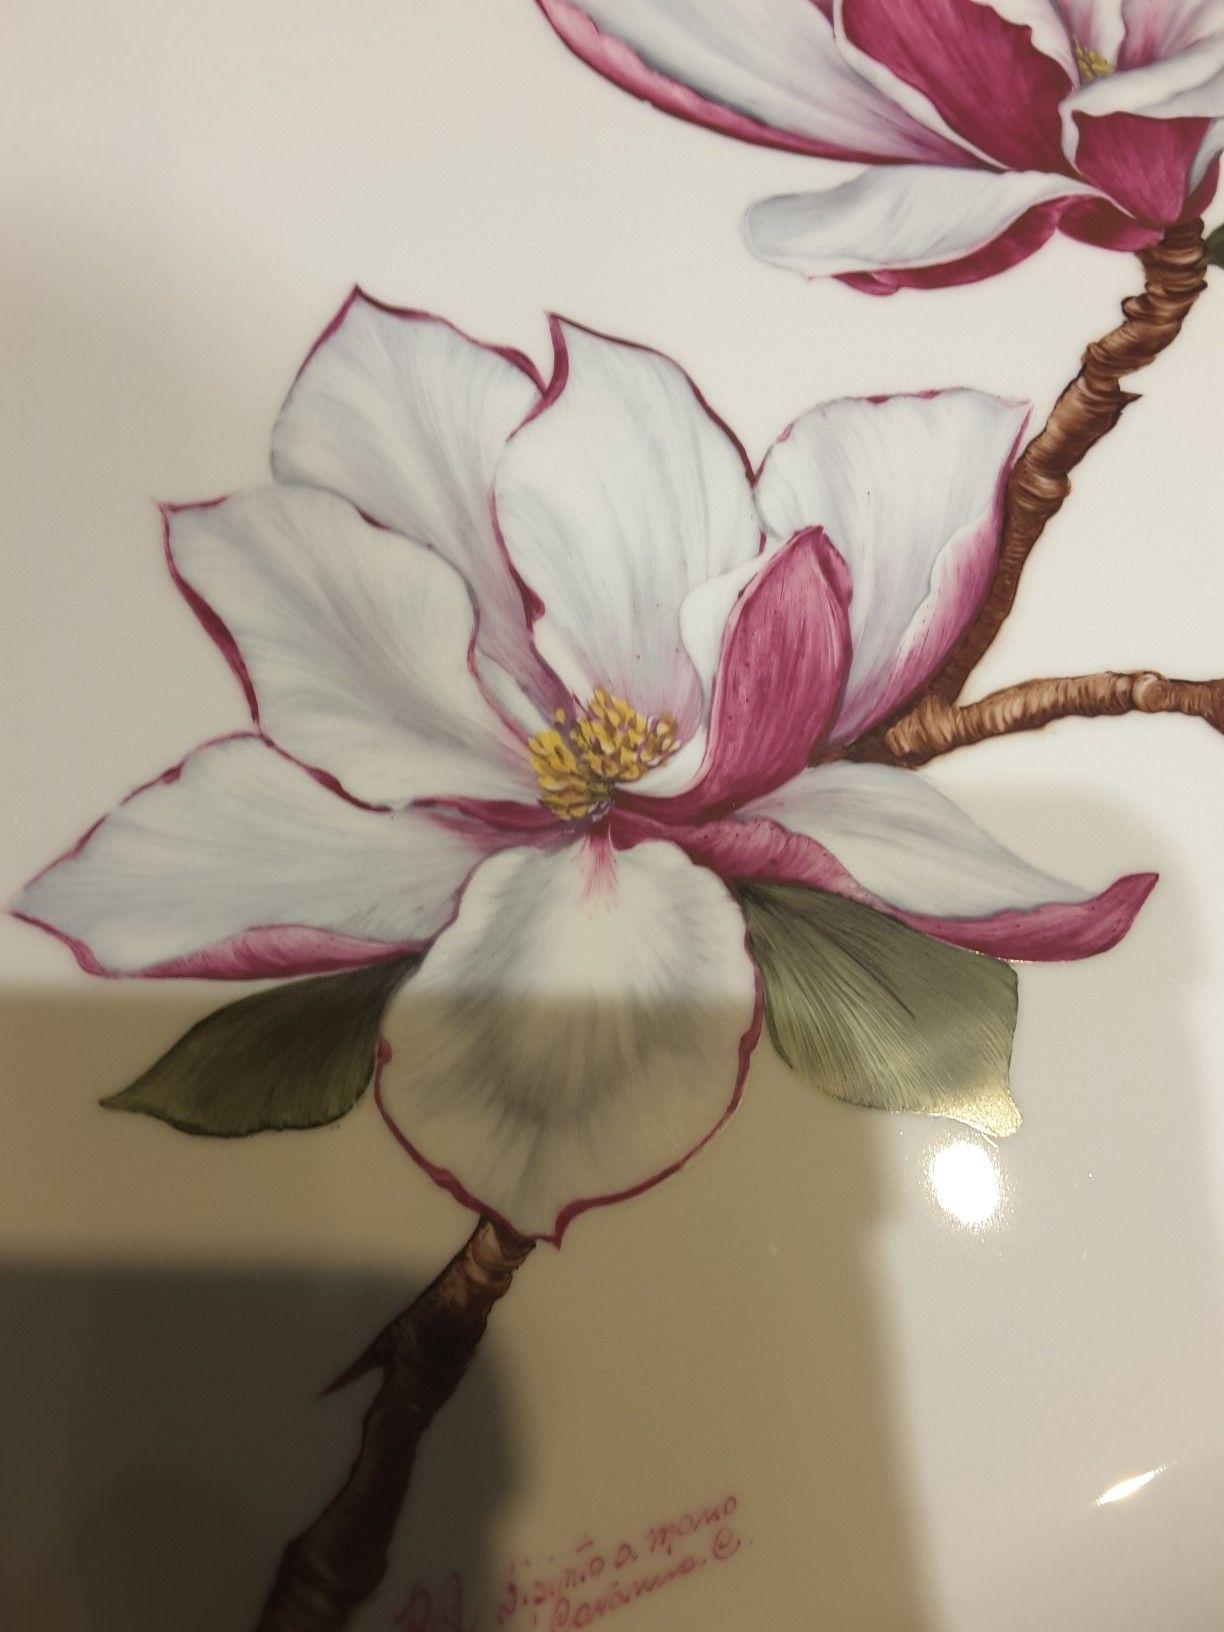 Epingle Par Odile Bezault Sur Peinture Porcelaine Coquelicots